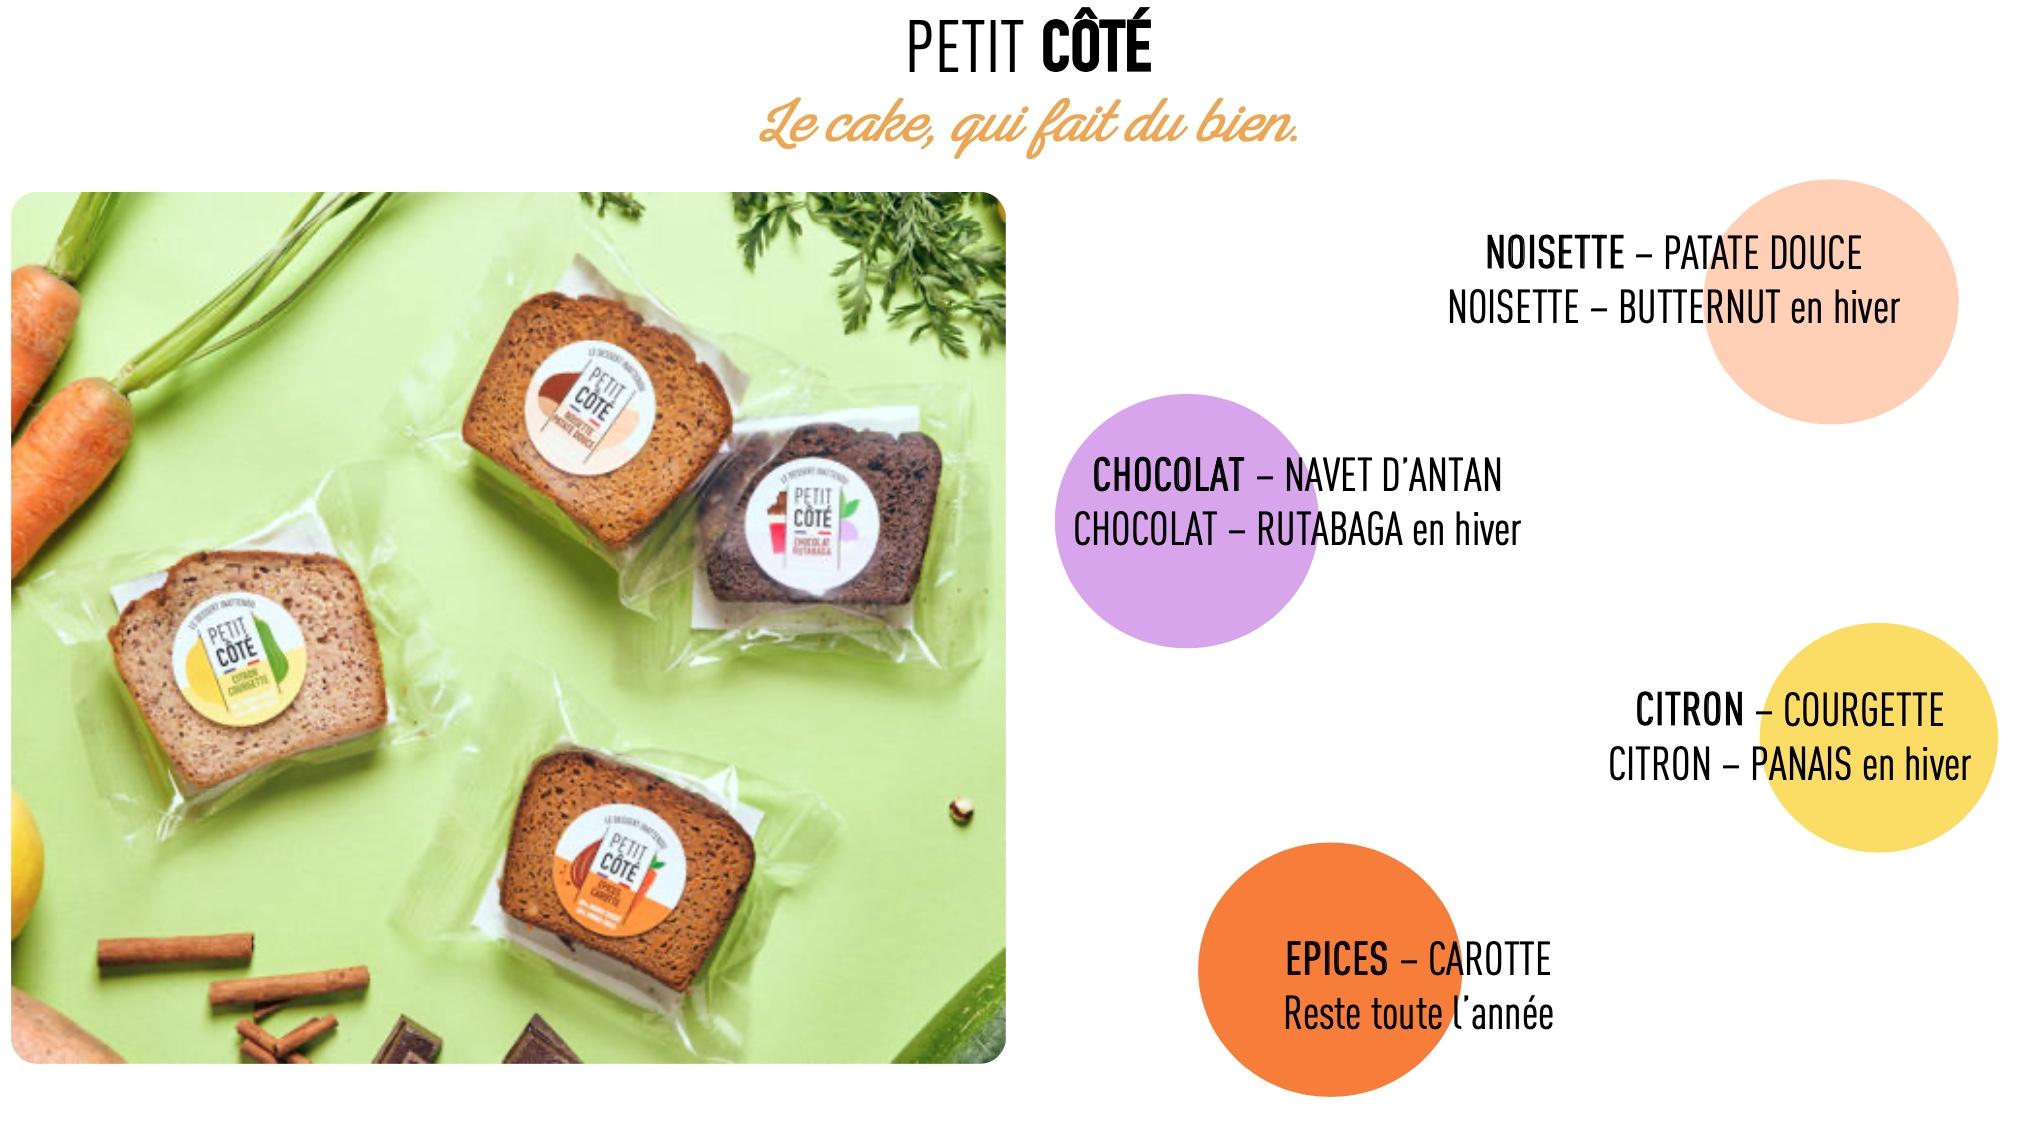 Capture decran 2021 02 14 a 18.14.51 - Petit Côté, la pâtisserie à base de légumes